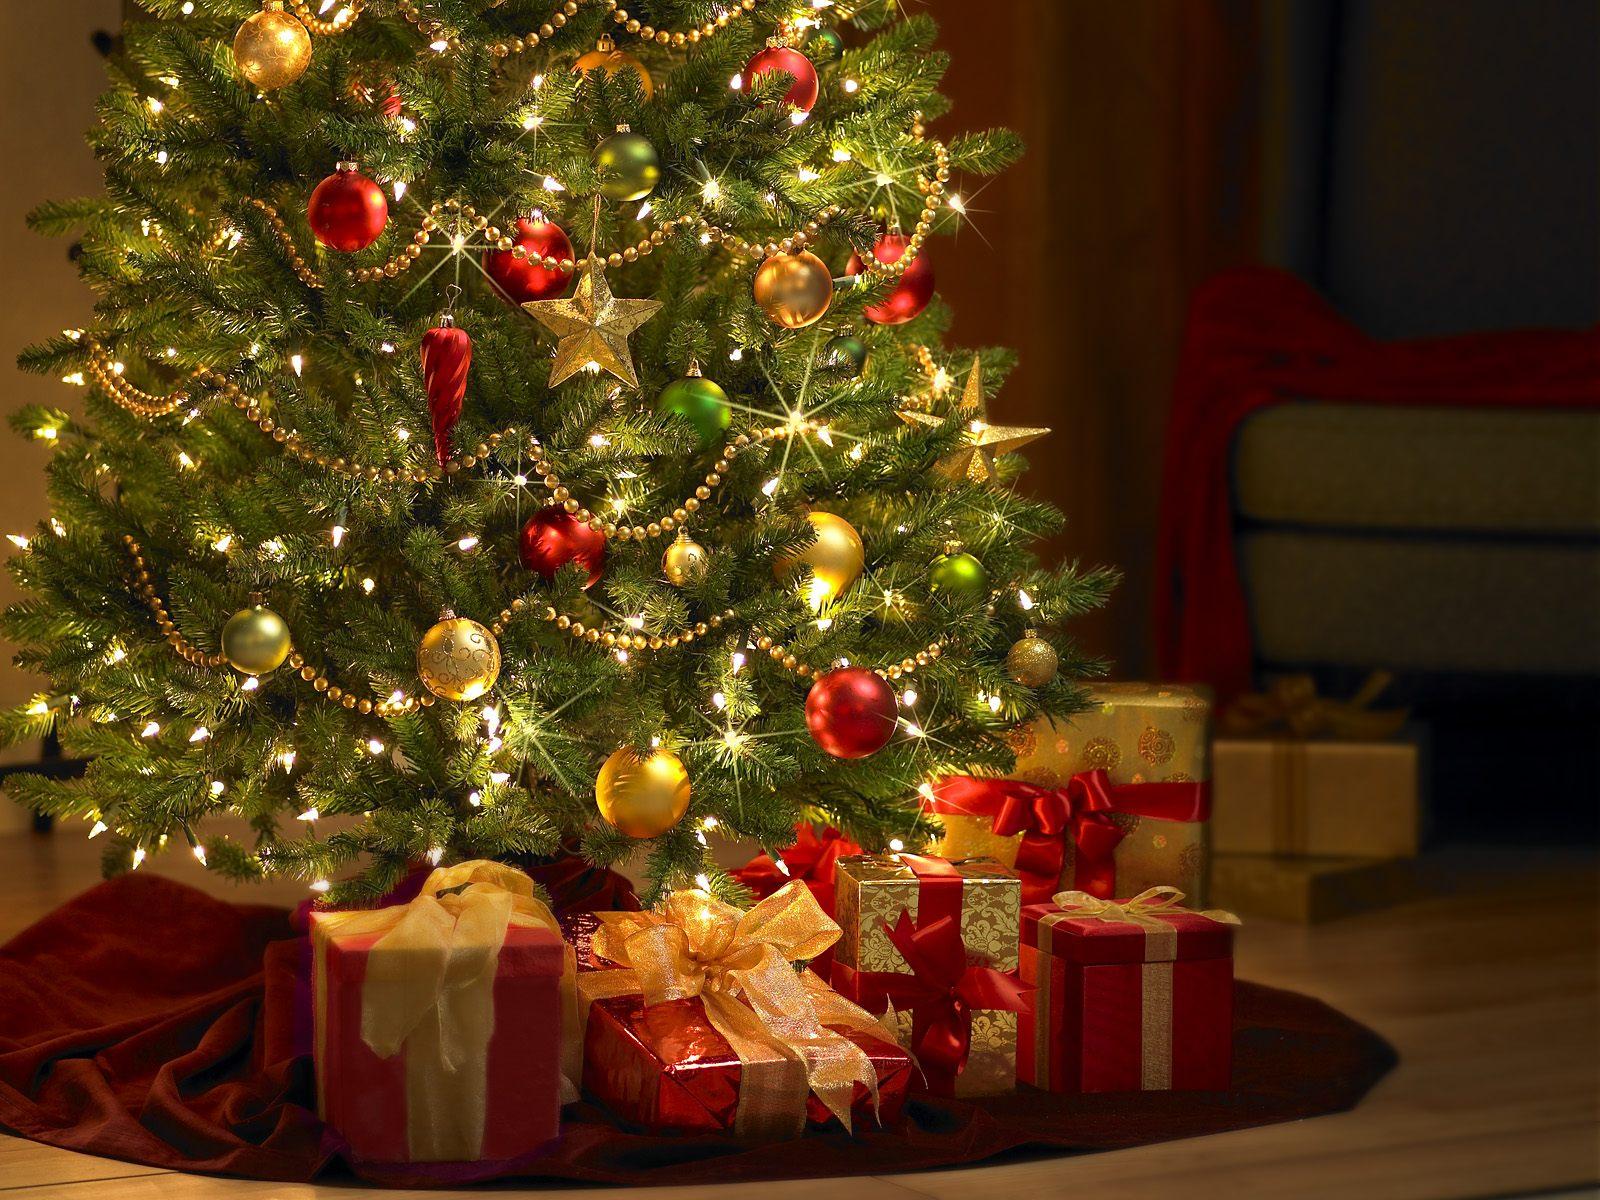 http://3.bp.blogspot.com/_XWfvAvu3mE0/TO5O5wDysXI/AAAAAAAAAA8/-U5SBQeEe0M/s1600/Xmas_Fun_-_Warm_Holiday_Wishes.jpg